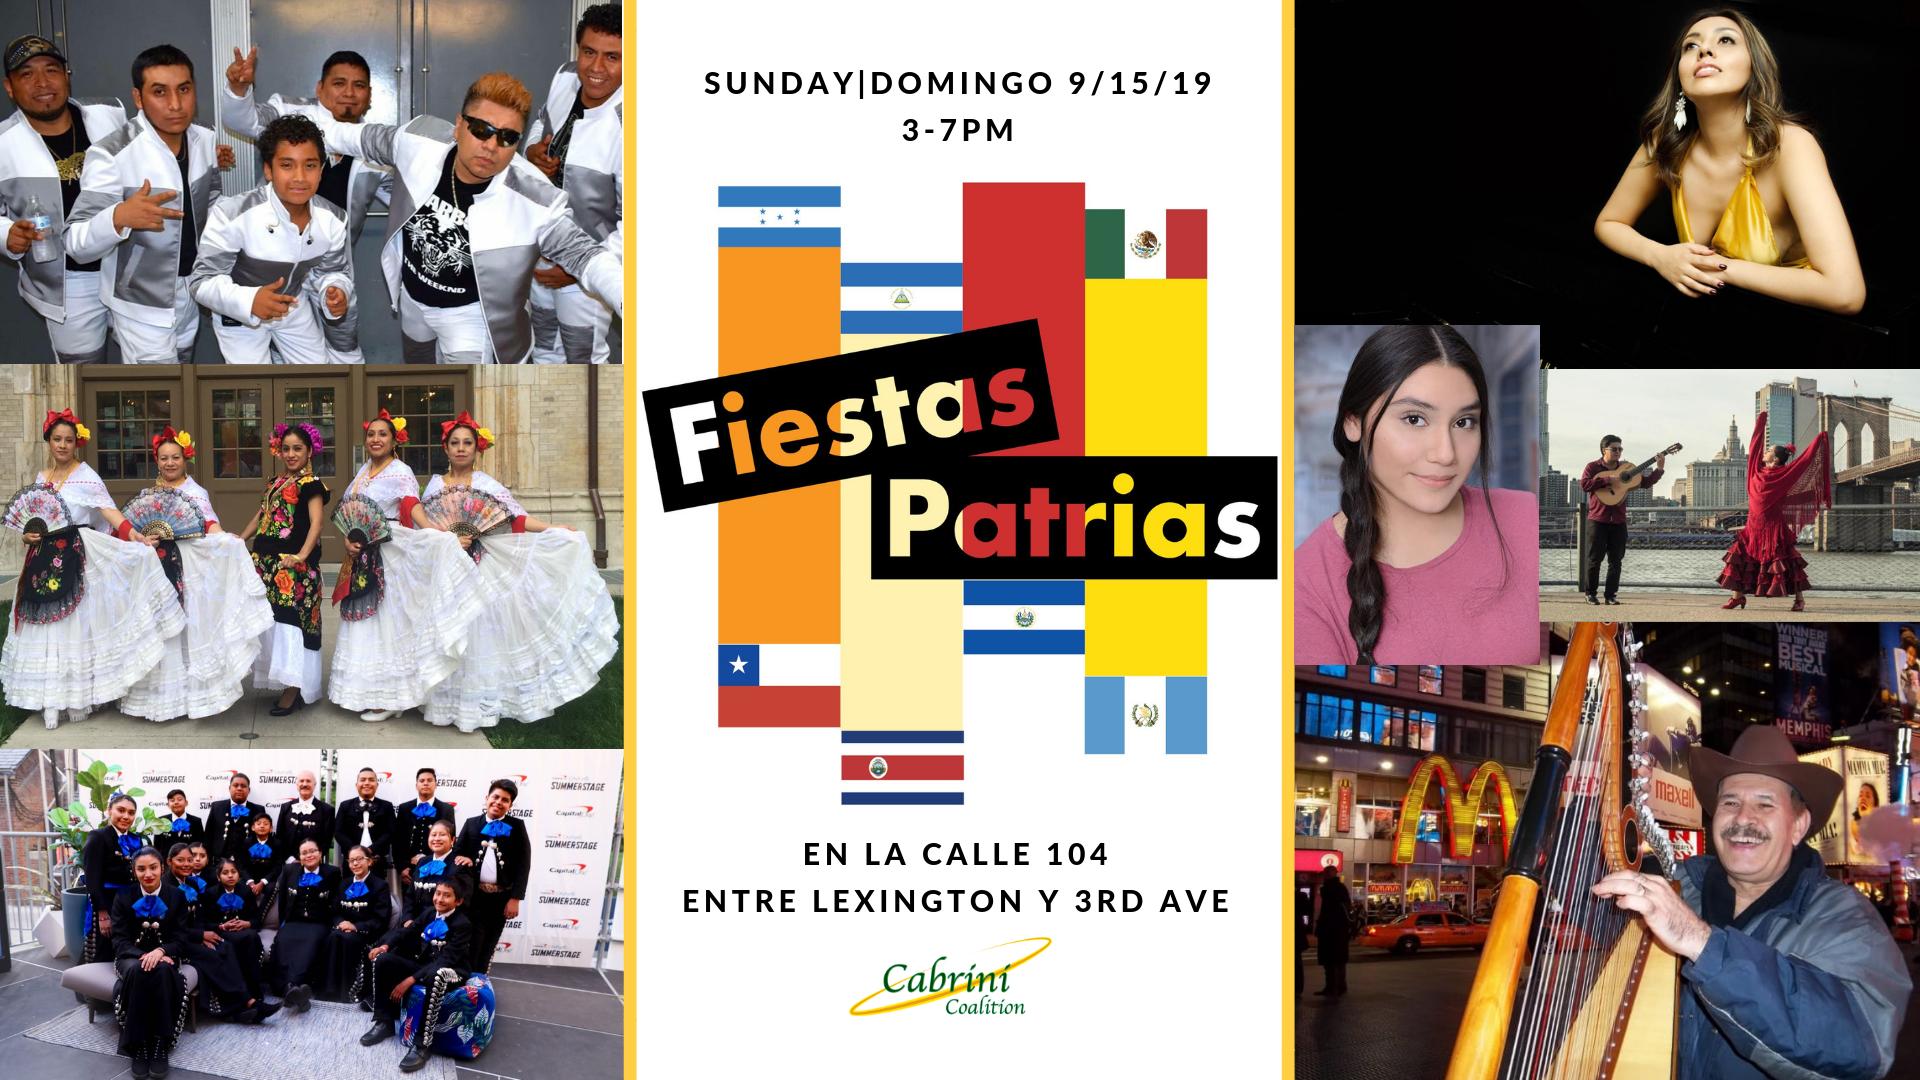 fiestas-patrias-block-party-harlem-calle-104-san-francisco-de-sales-iglesia-catolica-nueva-york.png